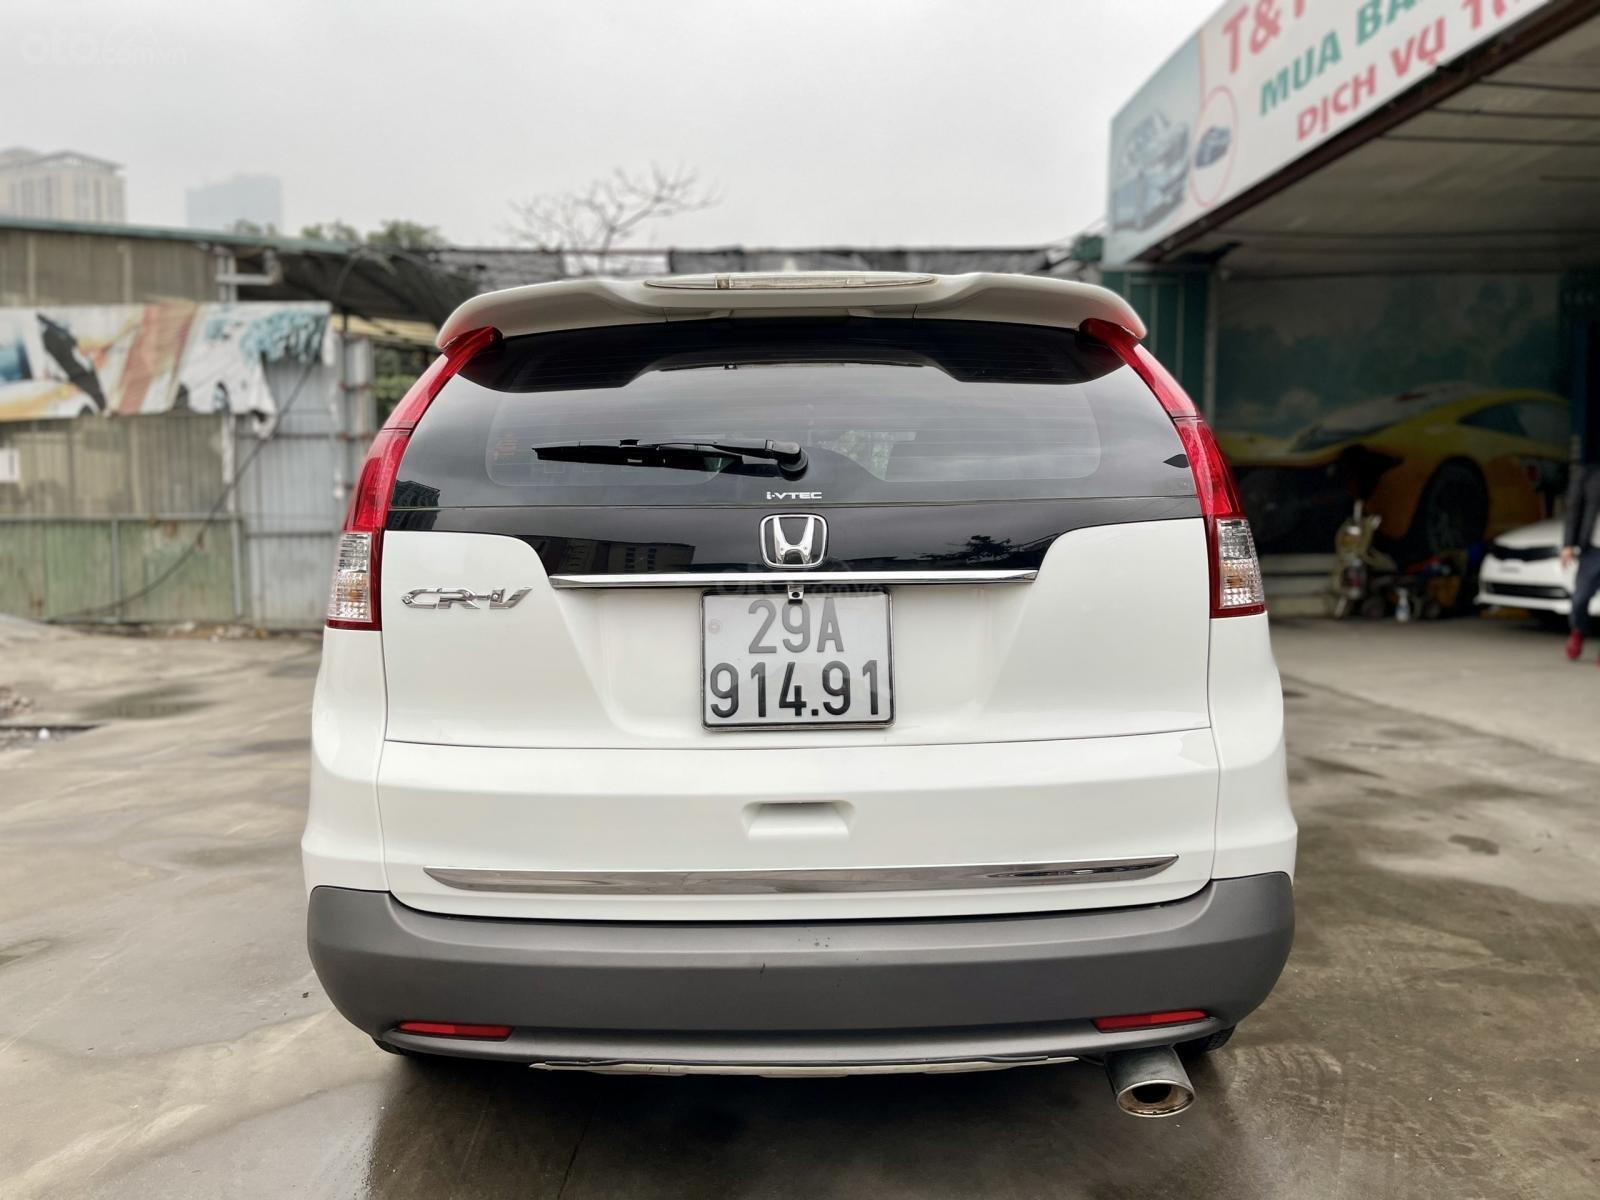 Bán Honda CR V 2.0 năm sản xuất 2013, giá cạnh tranh (6)